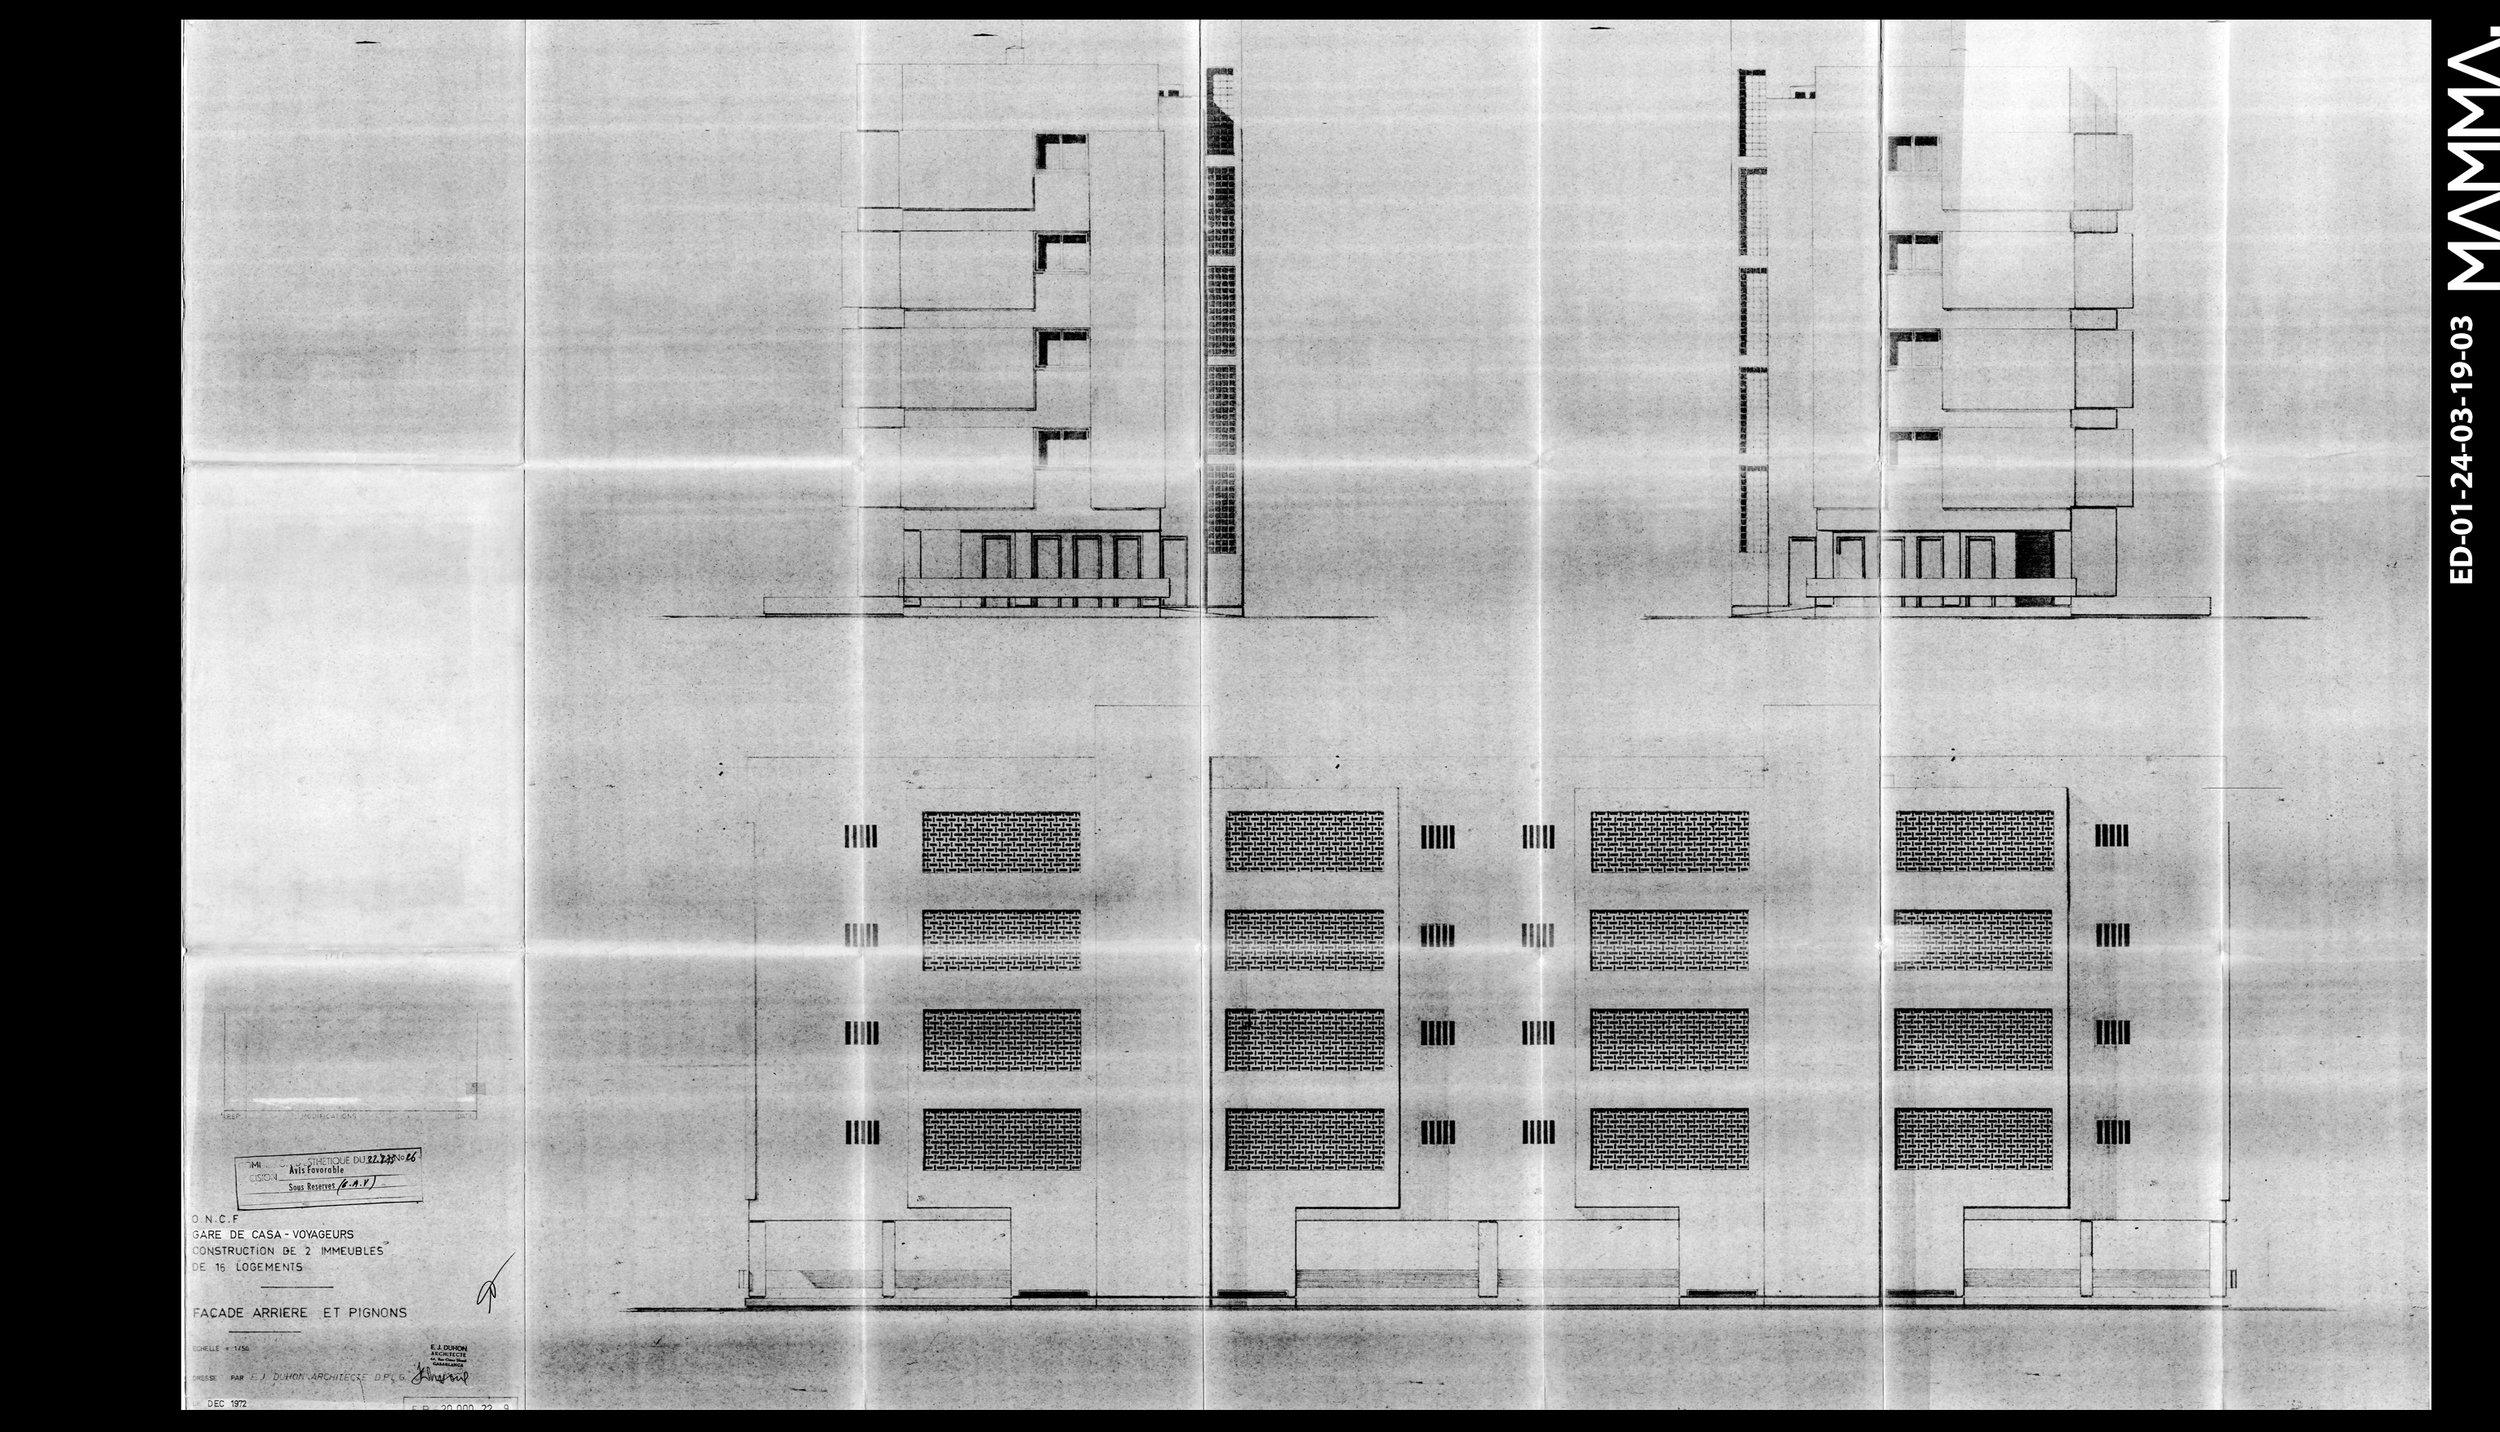 1972-2 Immeubles de 16 Logements- ONCF à Casablanca   Agence: Emile Duhon  Contenu: Façade arrière et pignons  Dimensions: 140,28 x 88,87 cm  © MAMMAARCHIVE   Réf: MAMMA-  ED-01-24-03-19-02